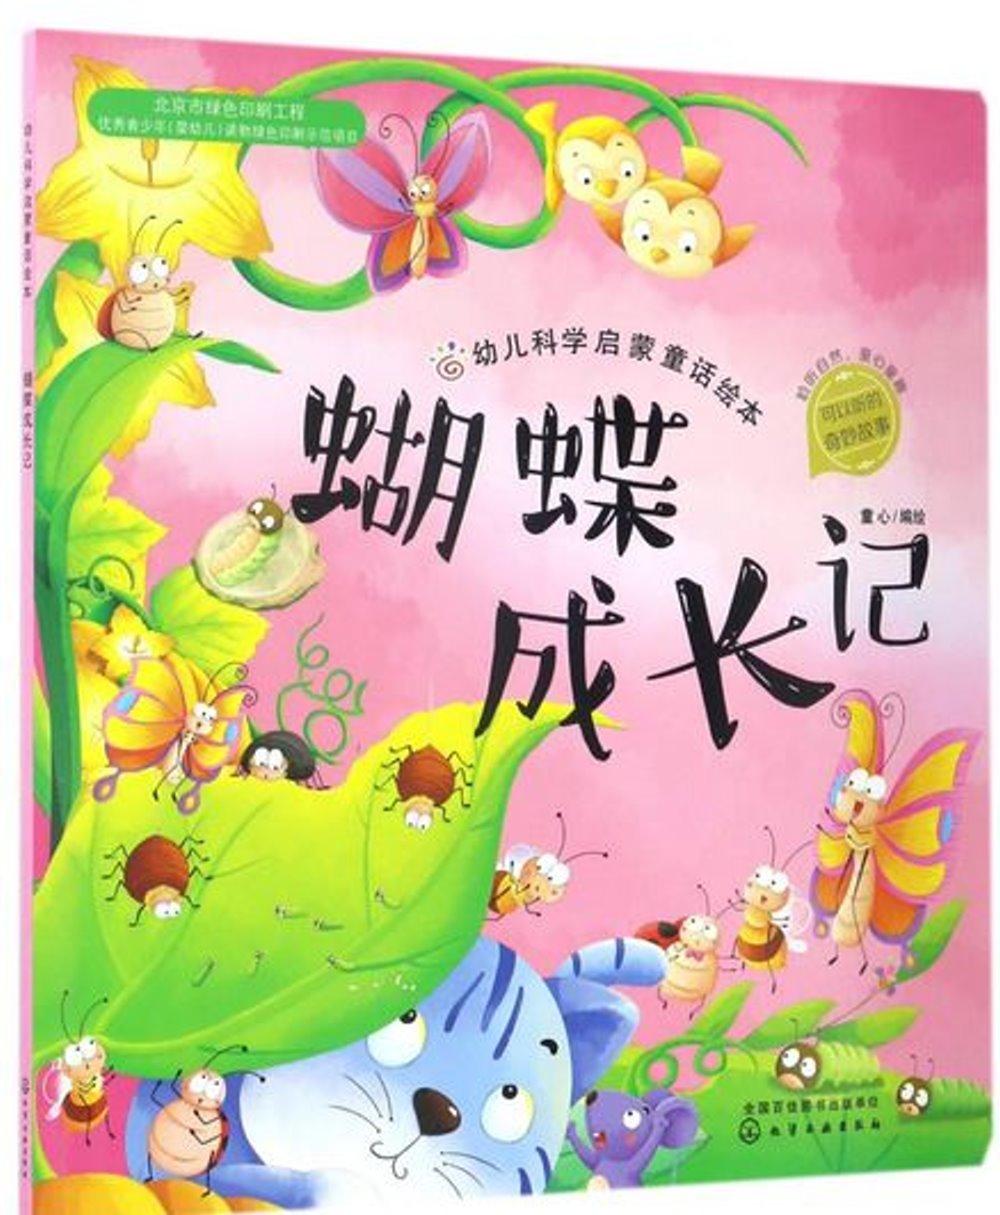 幼兒科學啟蒙童話繪本:蝴蝶成長記